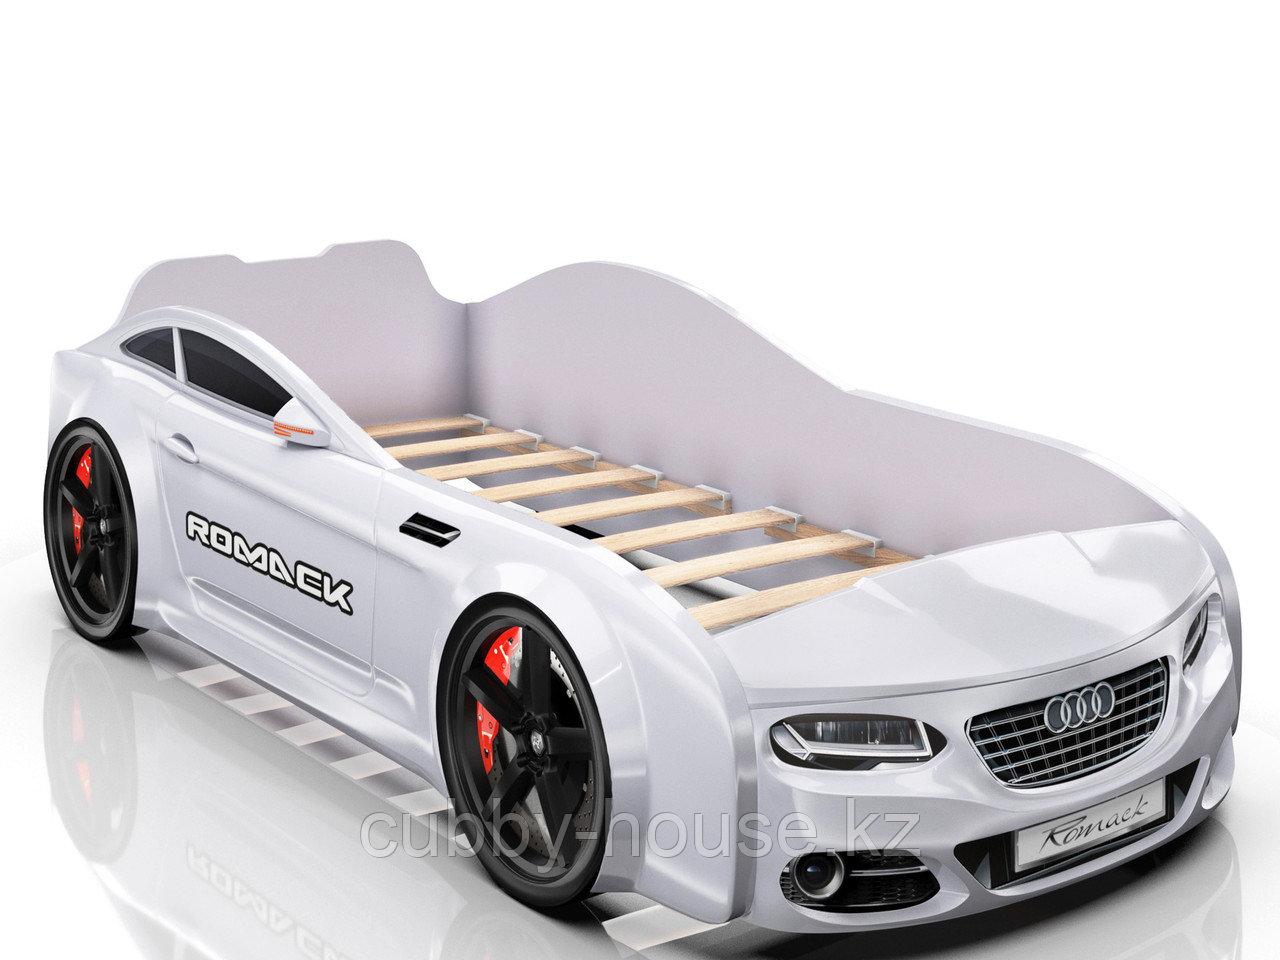 Кровать-машинка Romack Real